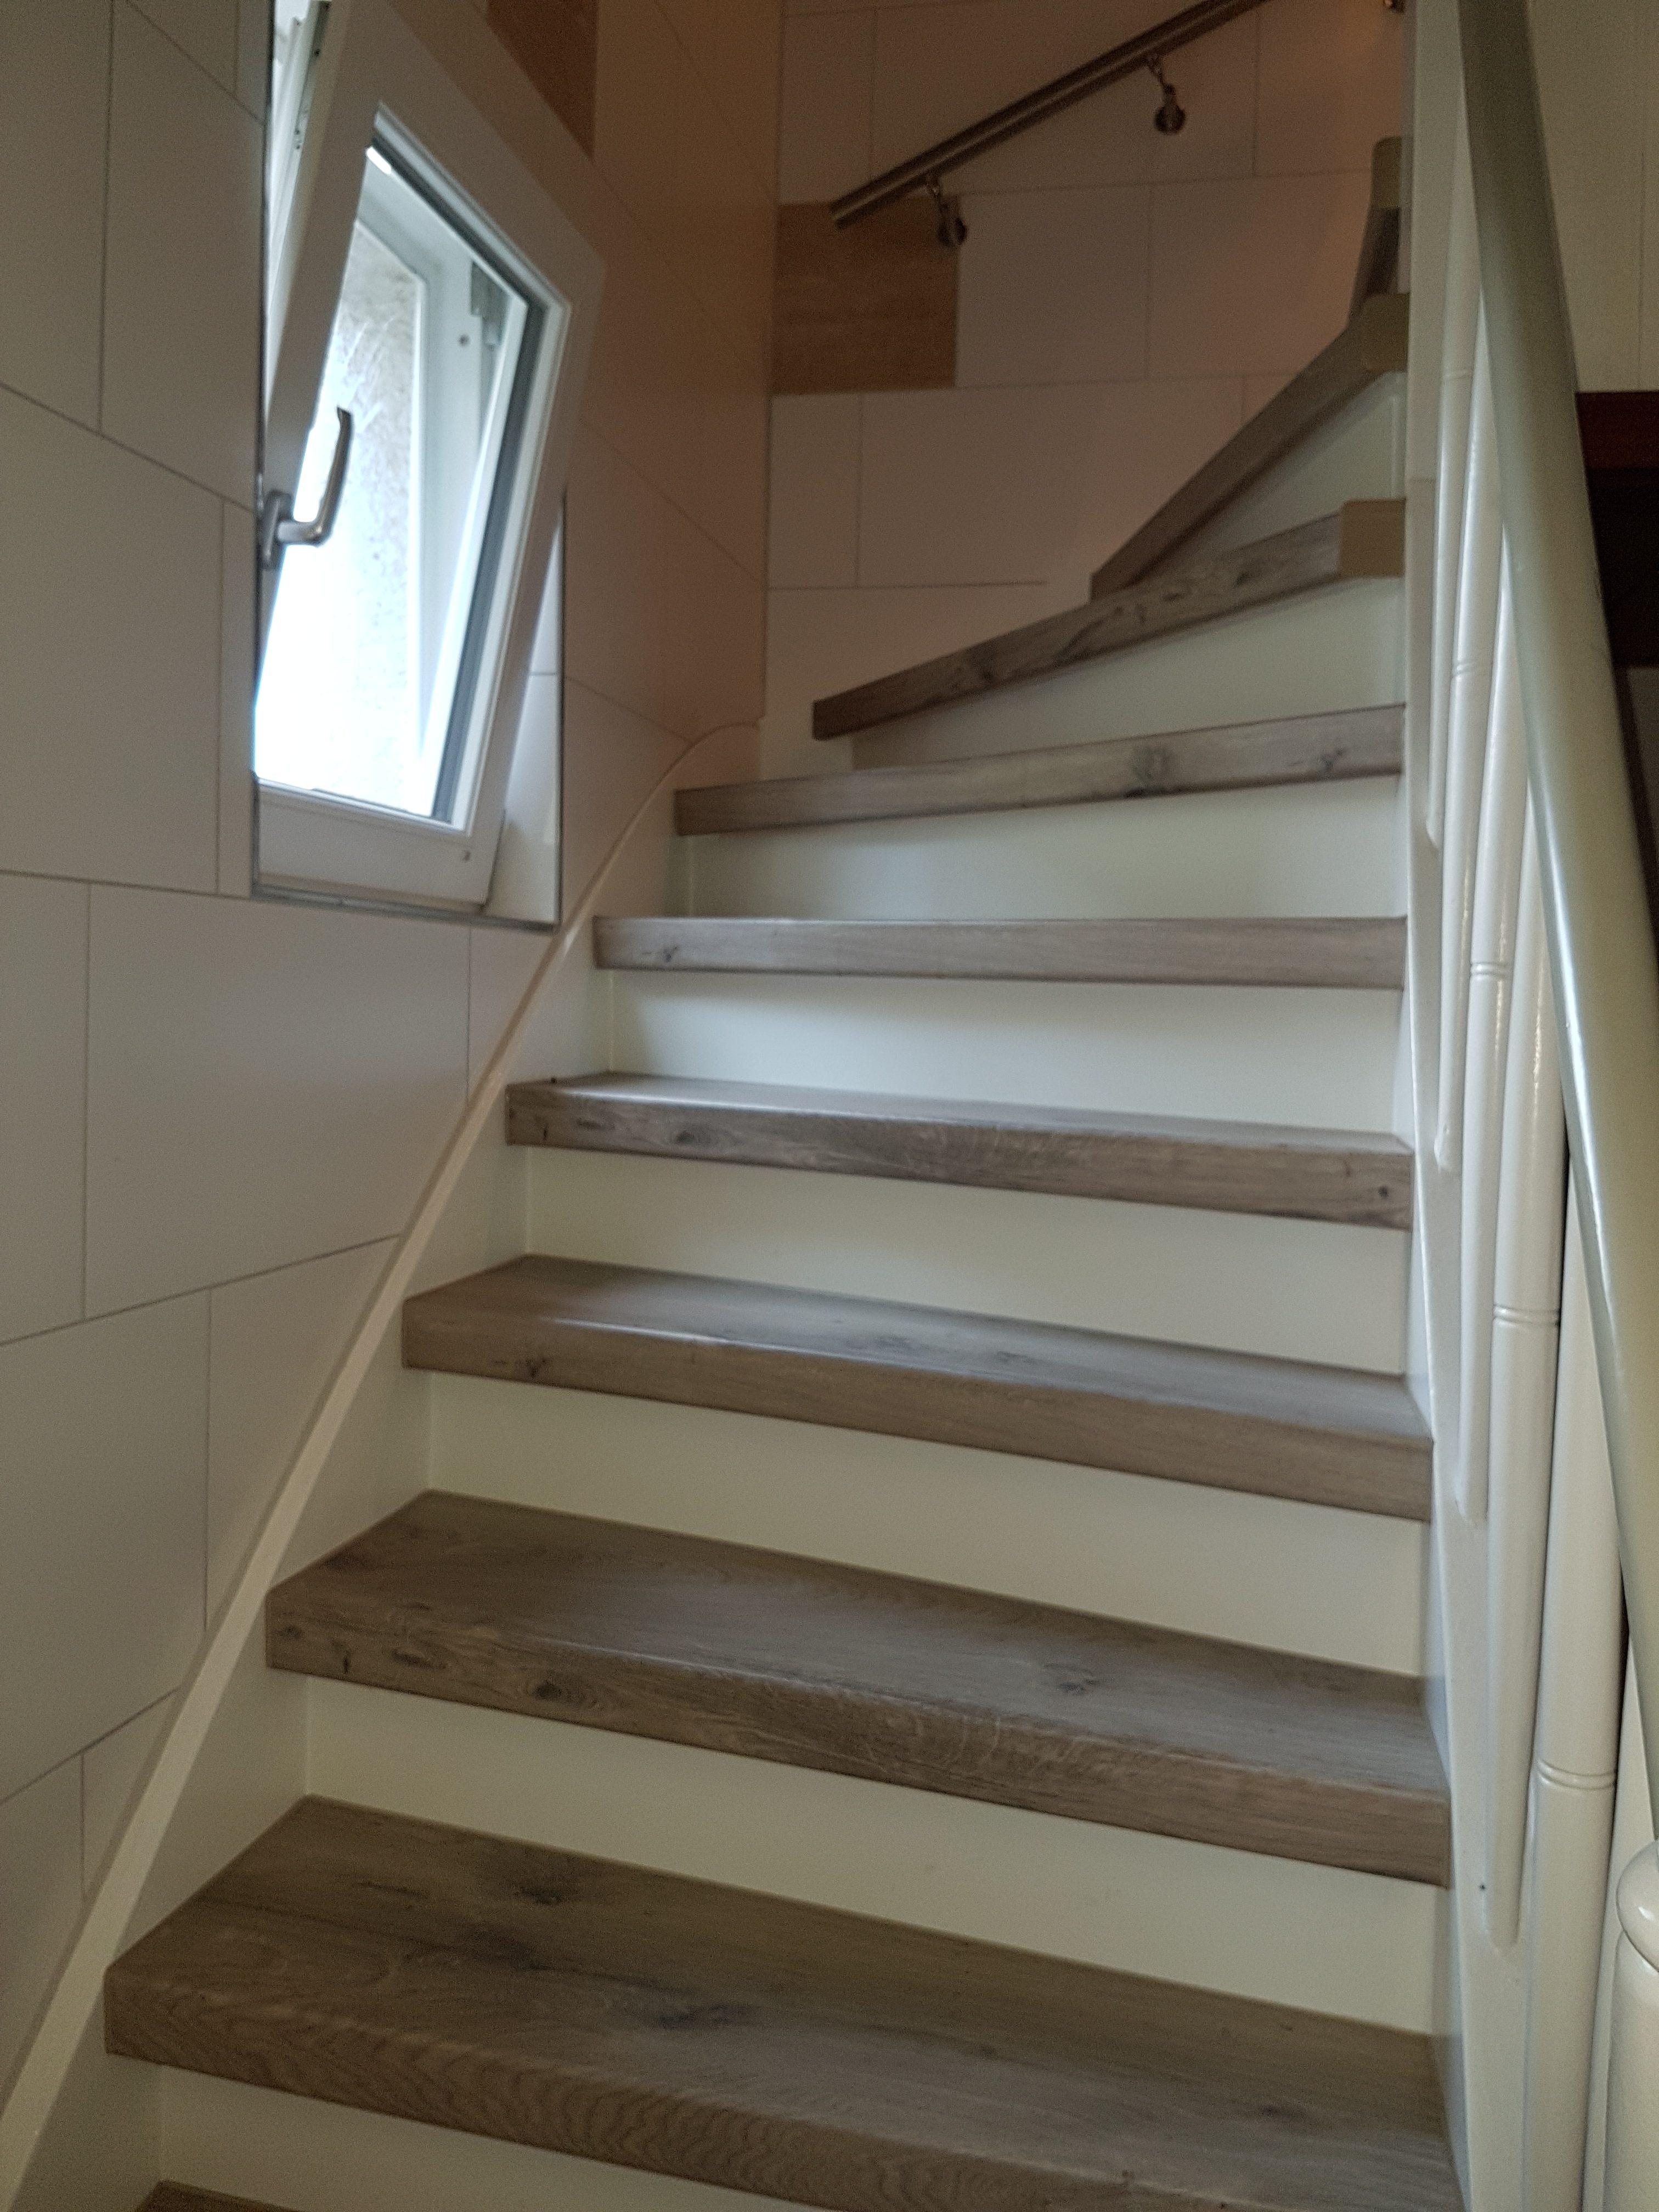 Treppenhaus Fliesen Wiegand